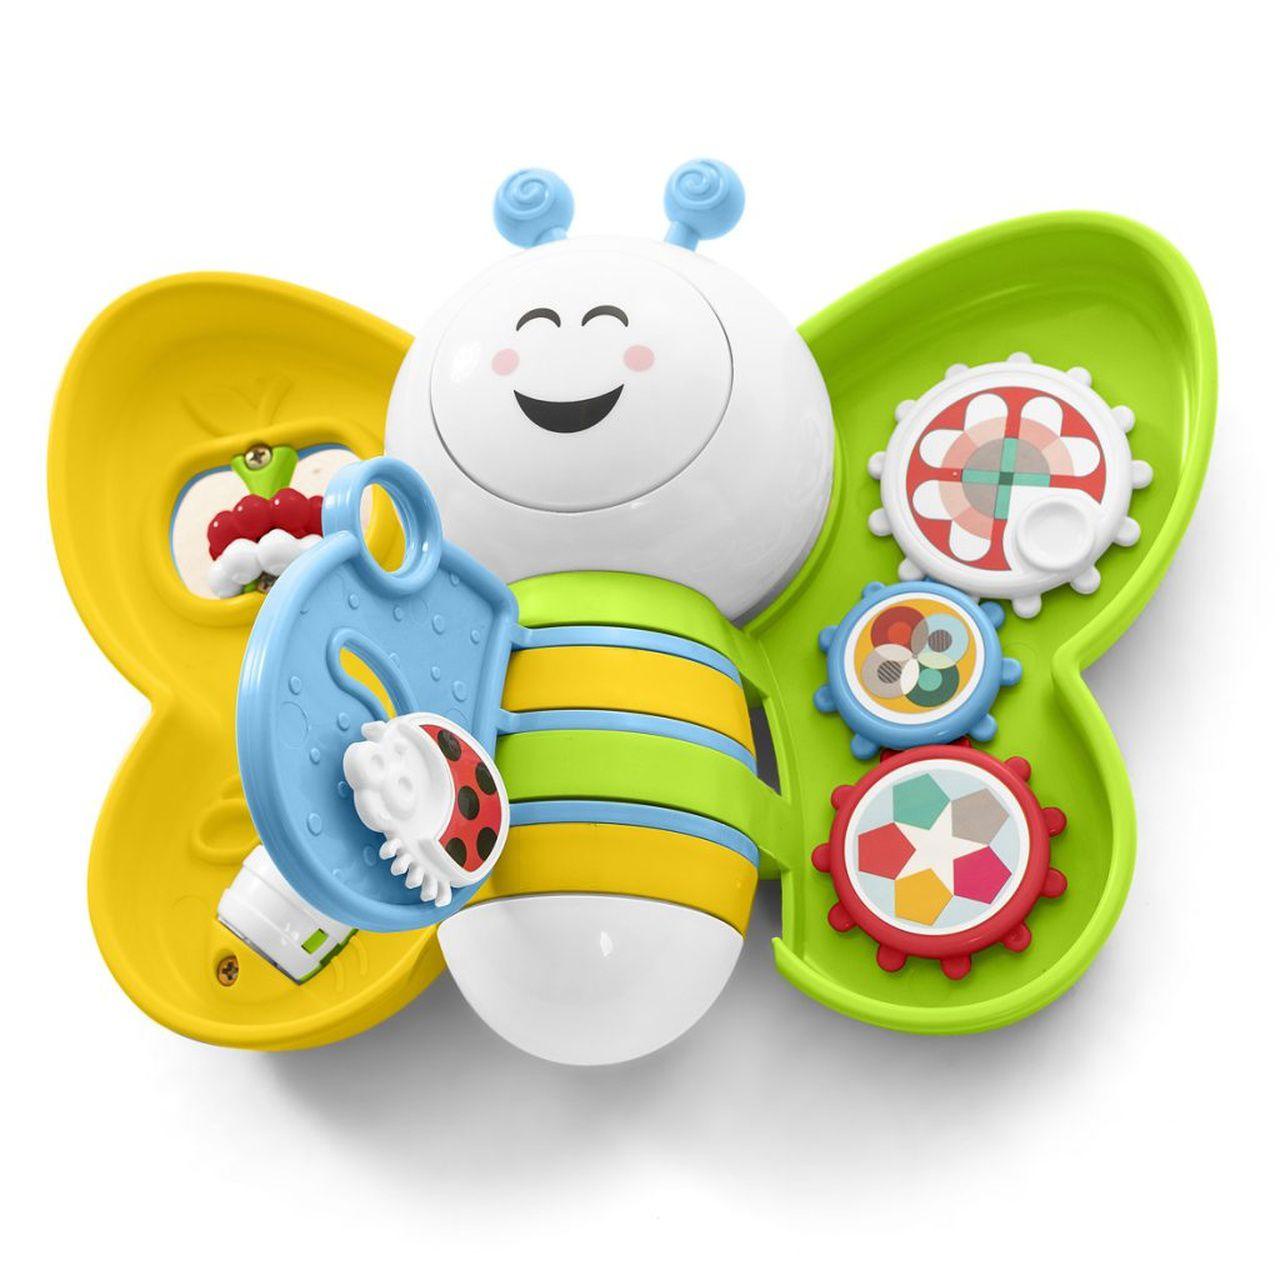 Brinquedo Infantil Babyleta Com Luz e Som - Tateti